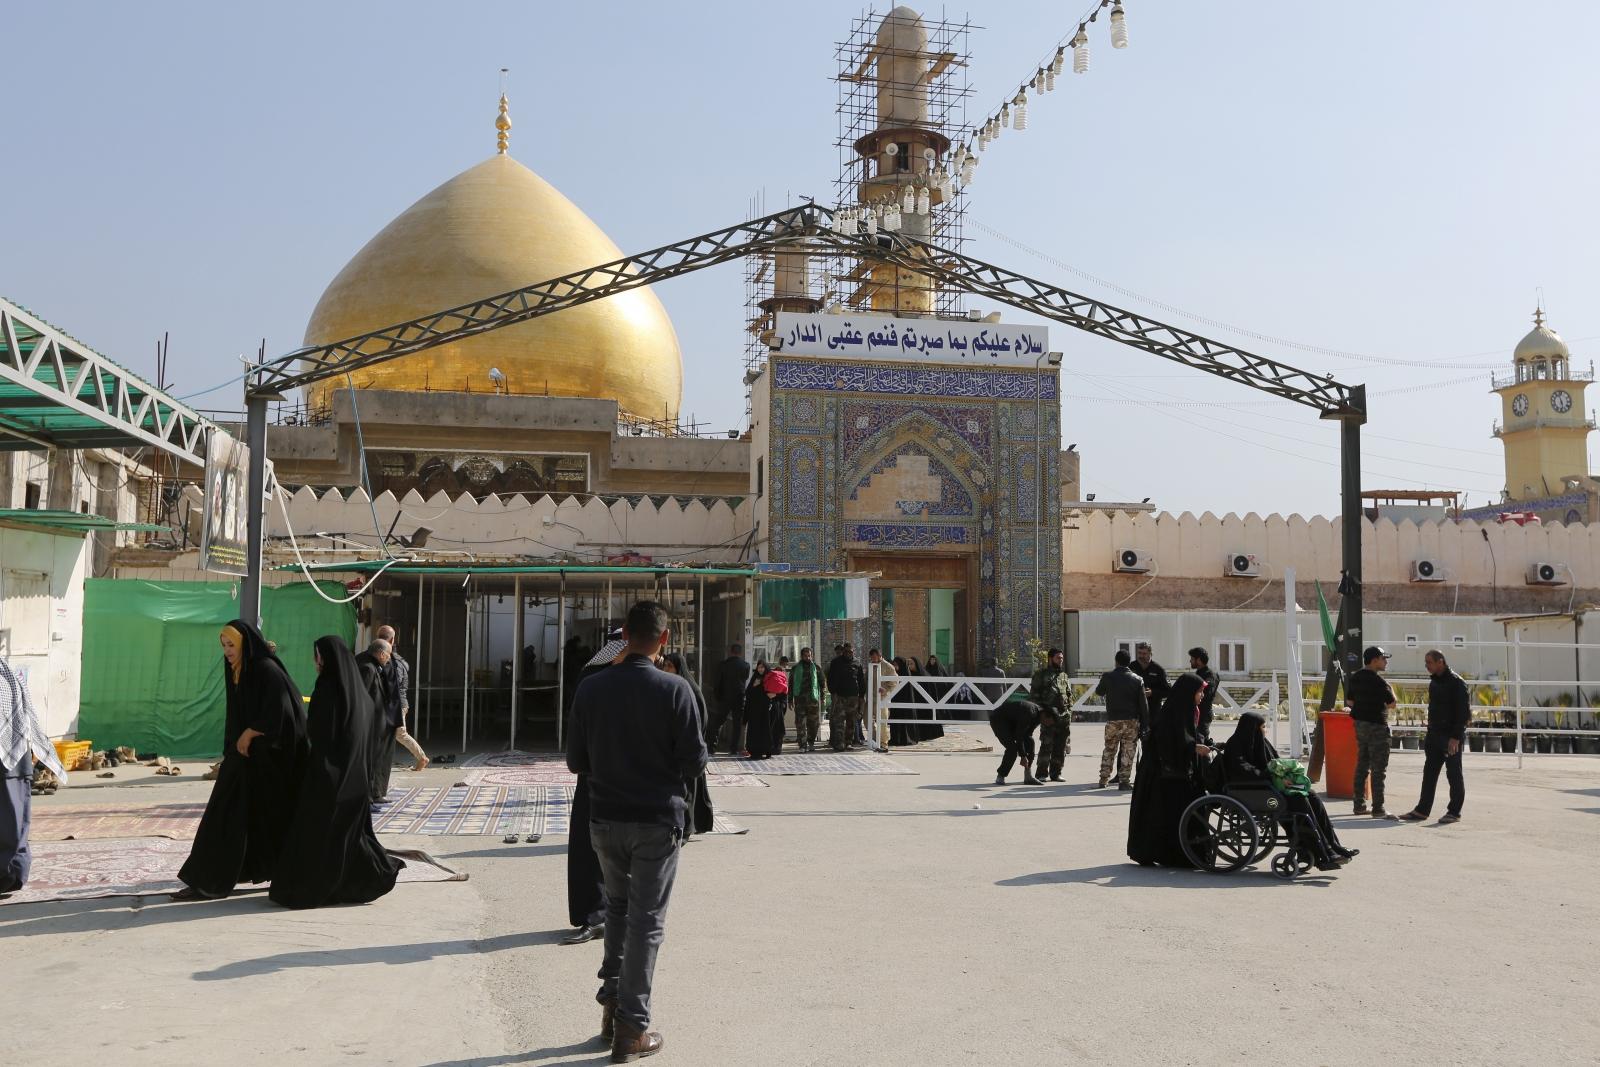 The Shia al-Askari shrine in Samarra